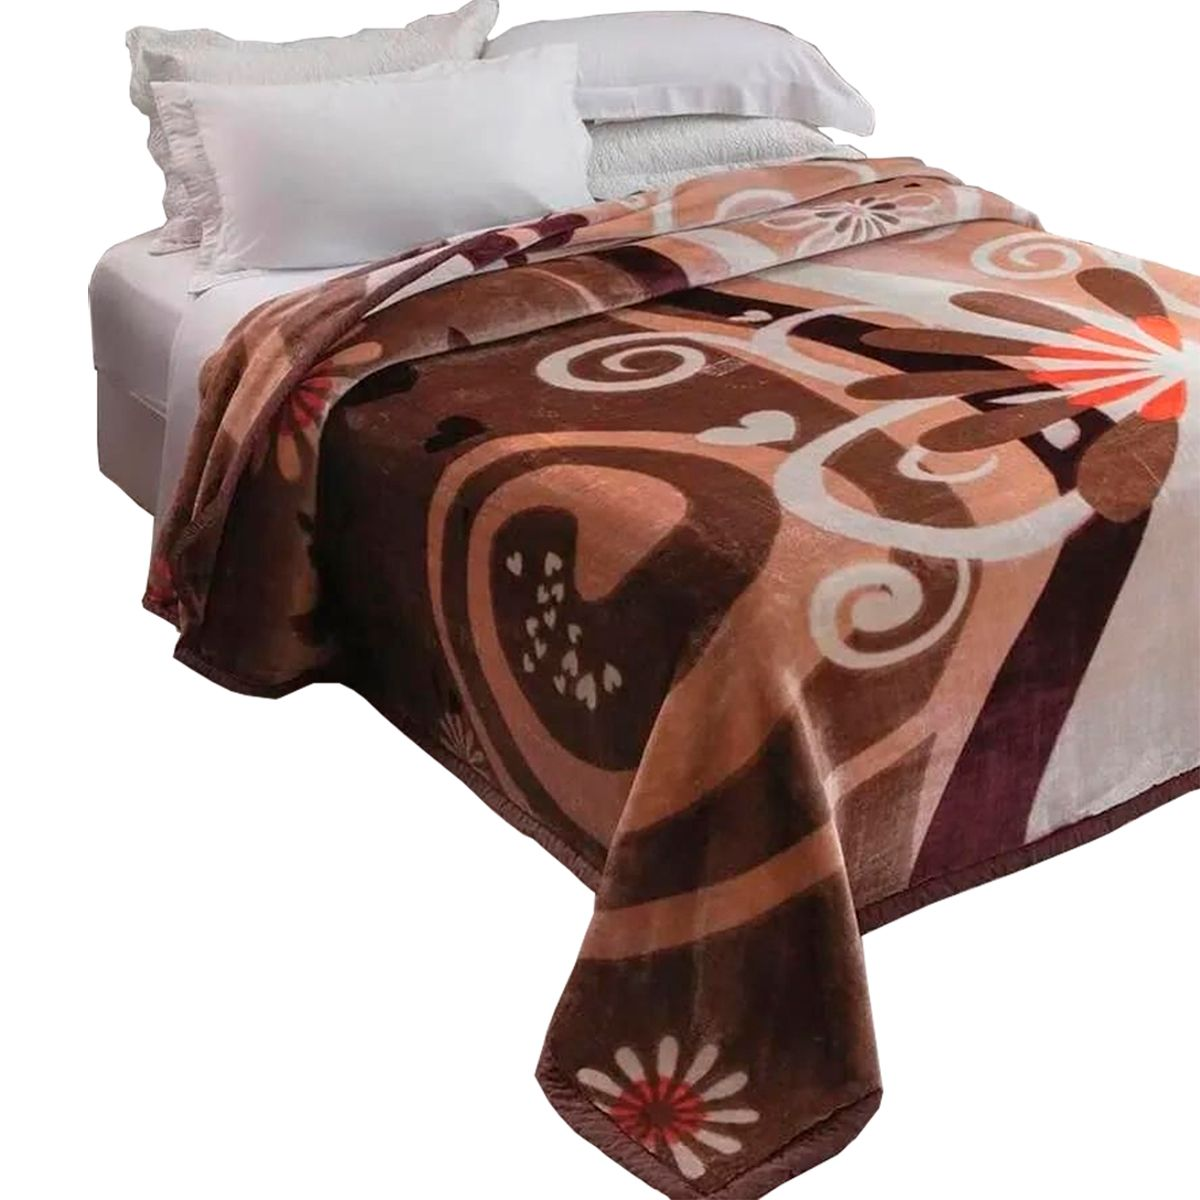 Cobertor raschel Plus King Poliester Marnel 220x240cm